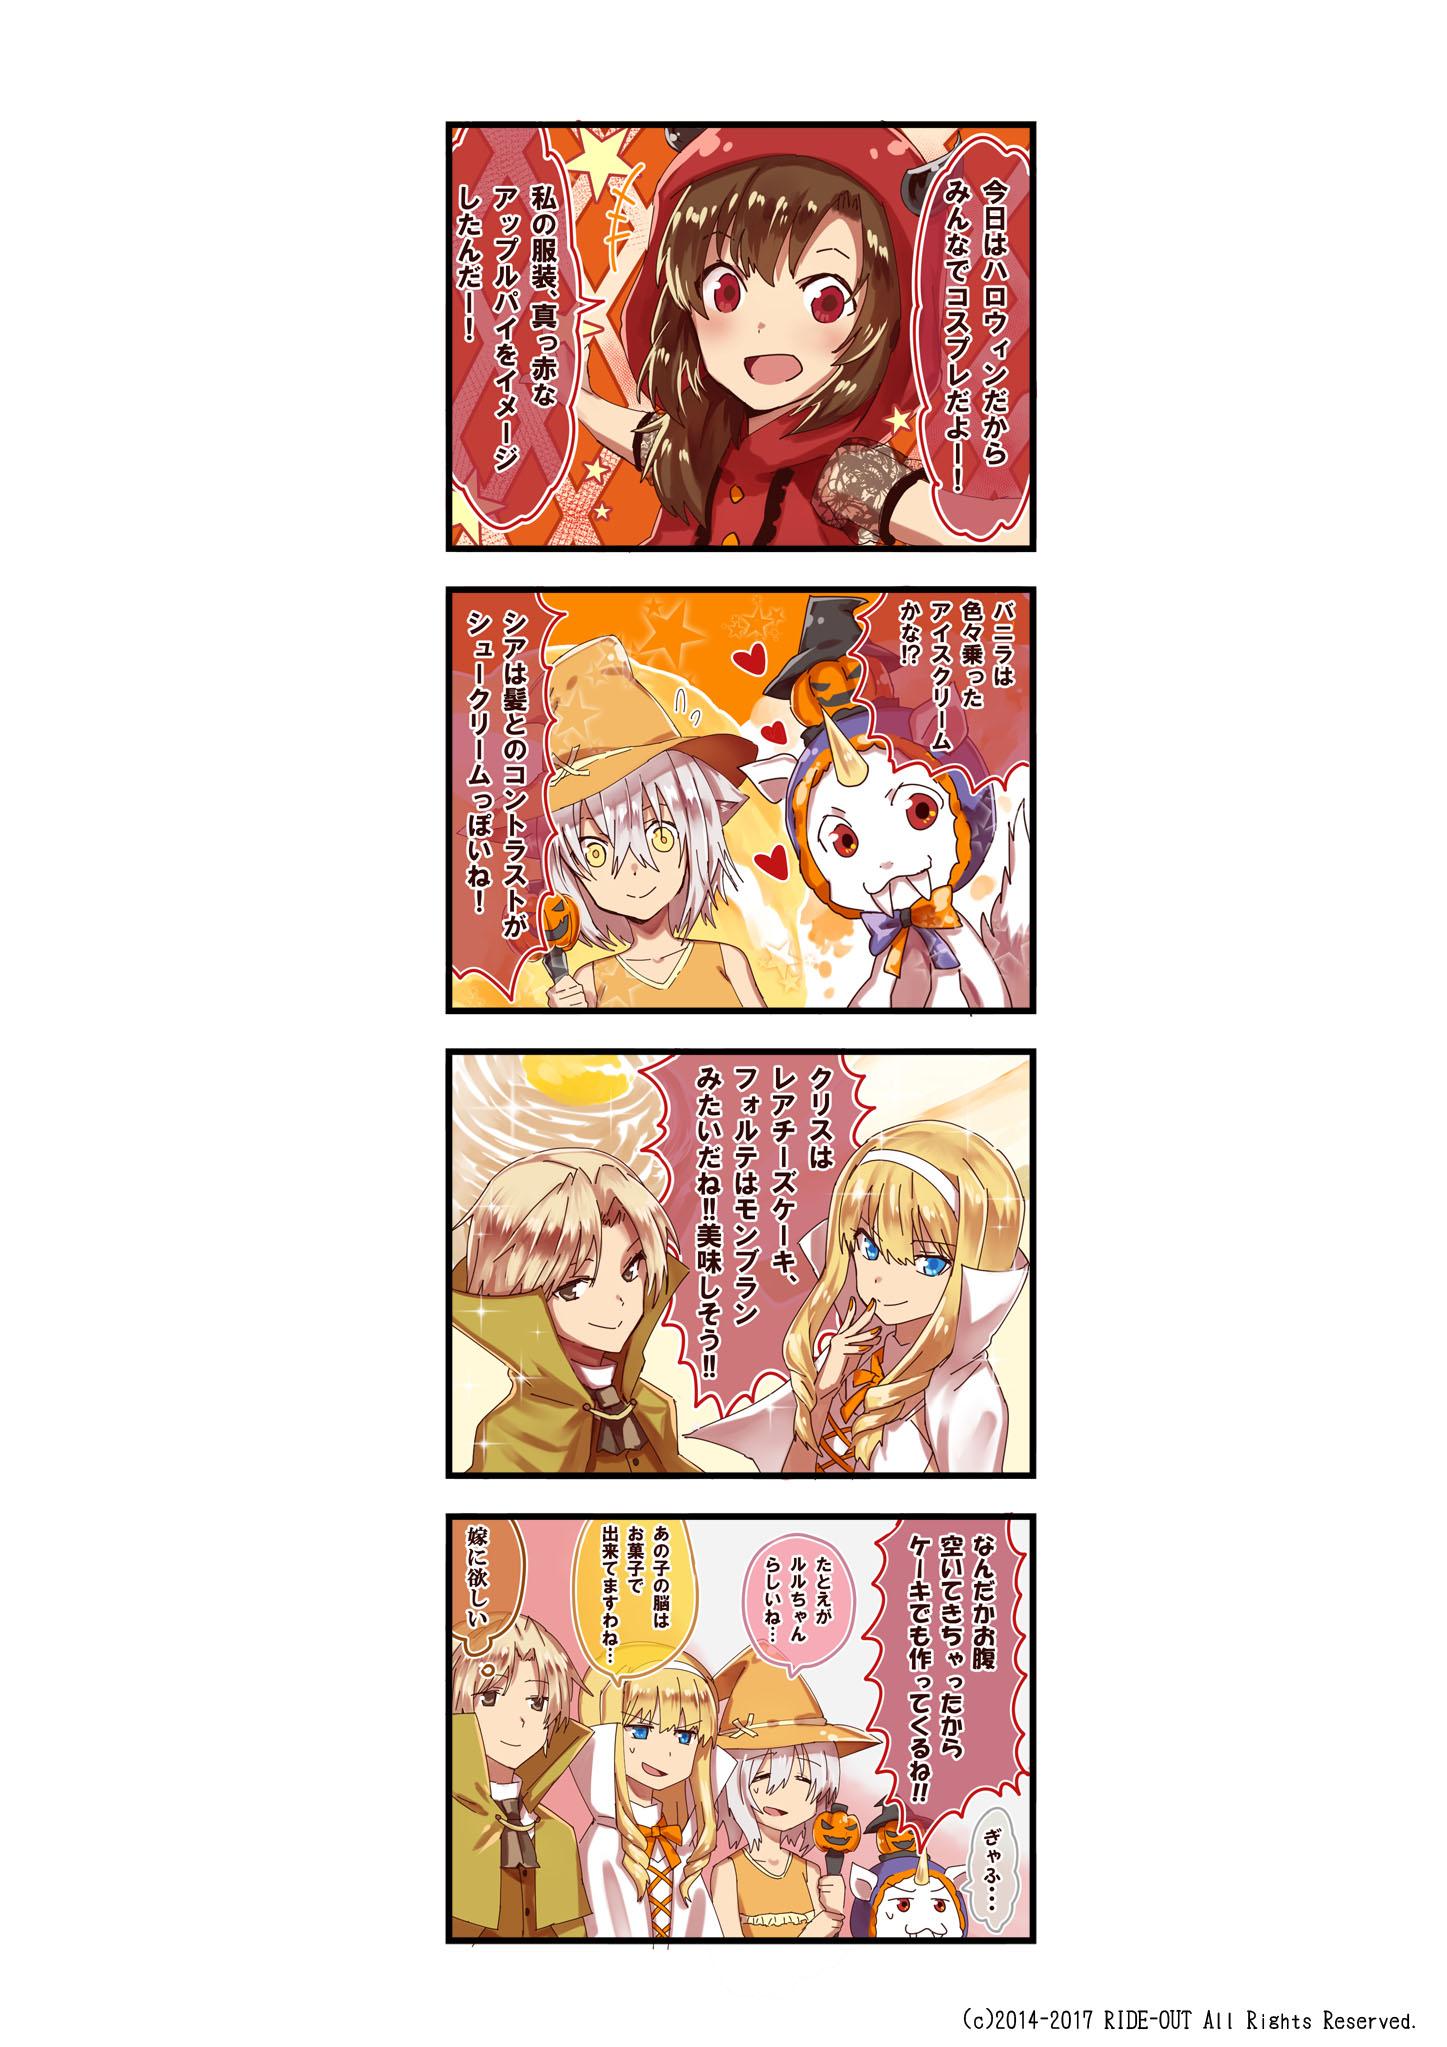 2016ハロウィン用&ポストカード・4コマ①